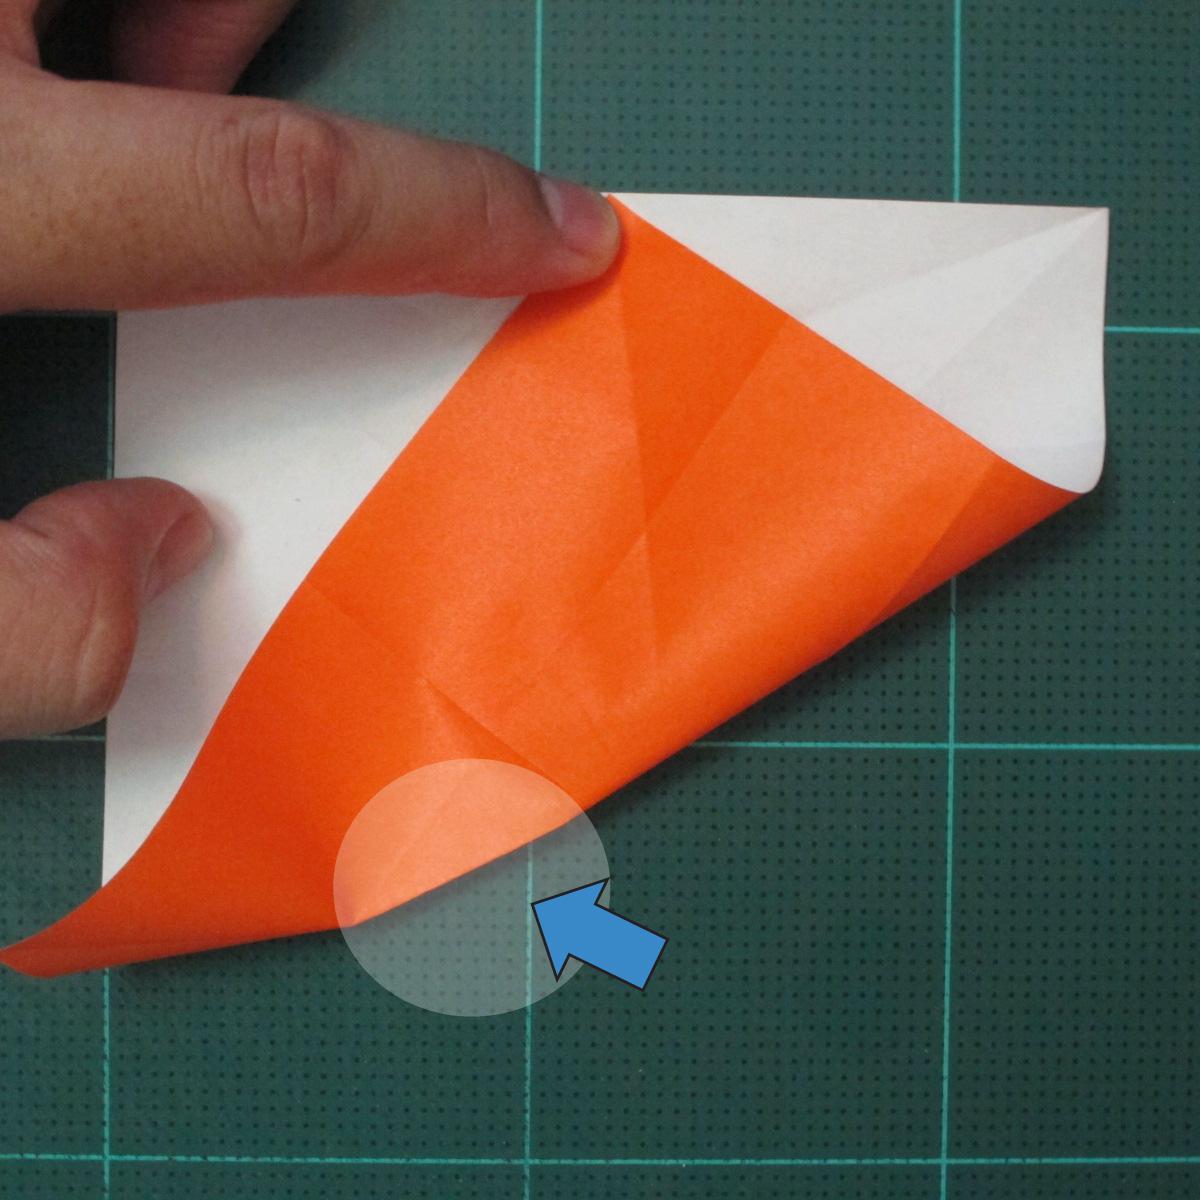 วิธีพับกระดาษเป็นที่คั่นหนังสือรูปผีเสื้อ (Origami Butterfly Bookmark) 011